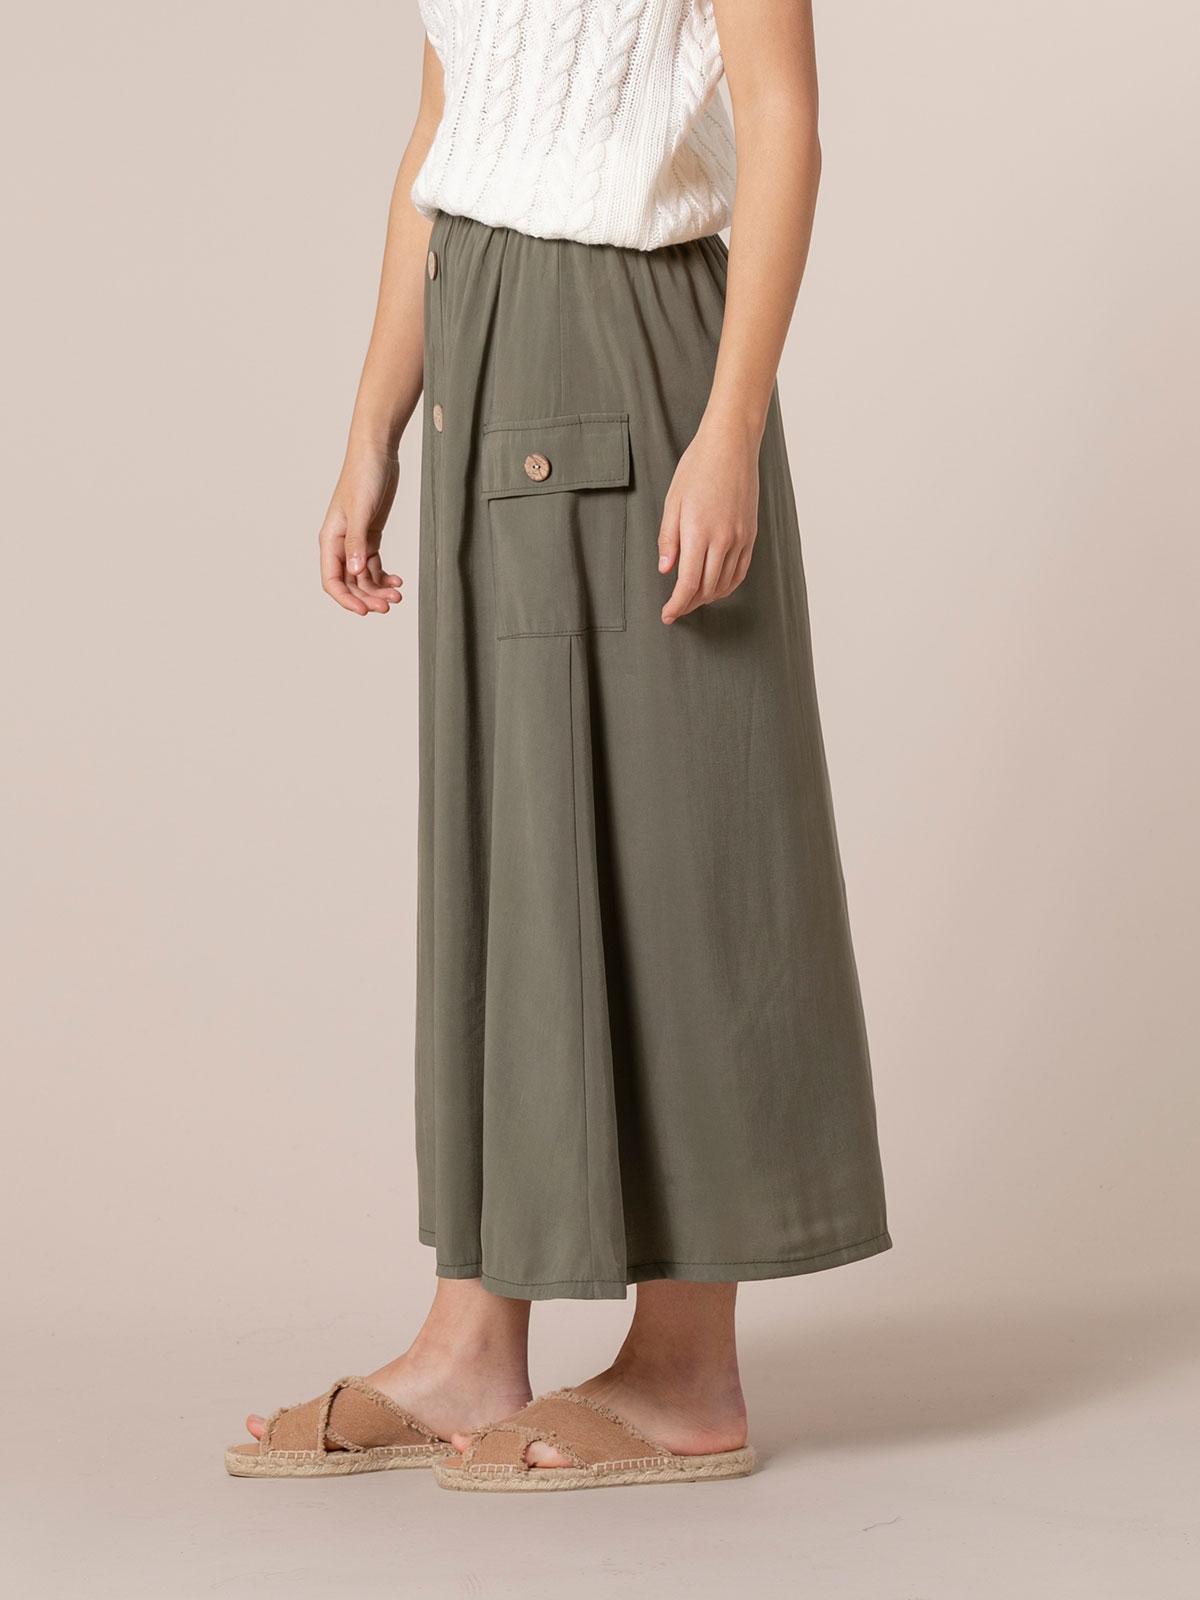 Falda larga mujer fluida botones Caqui